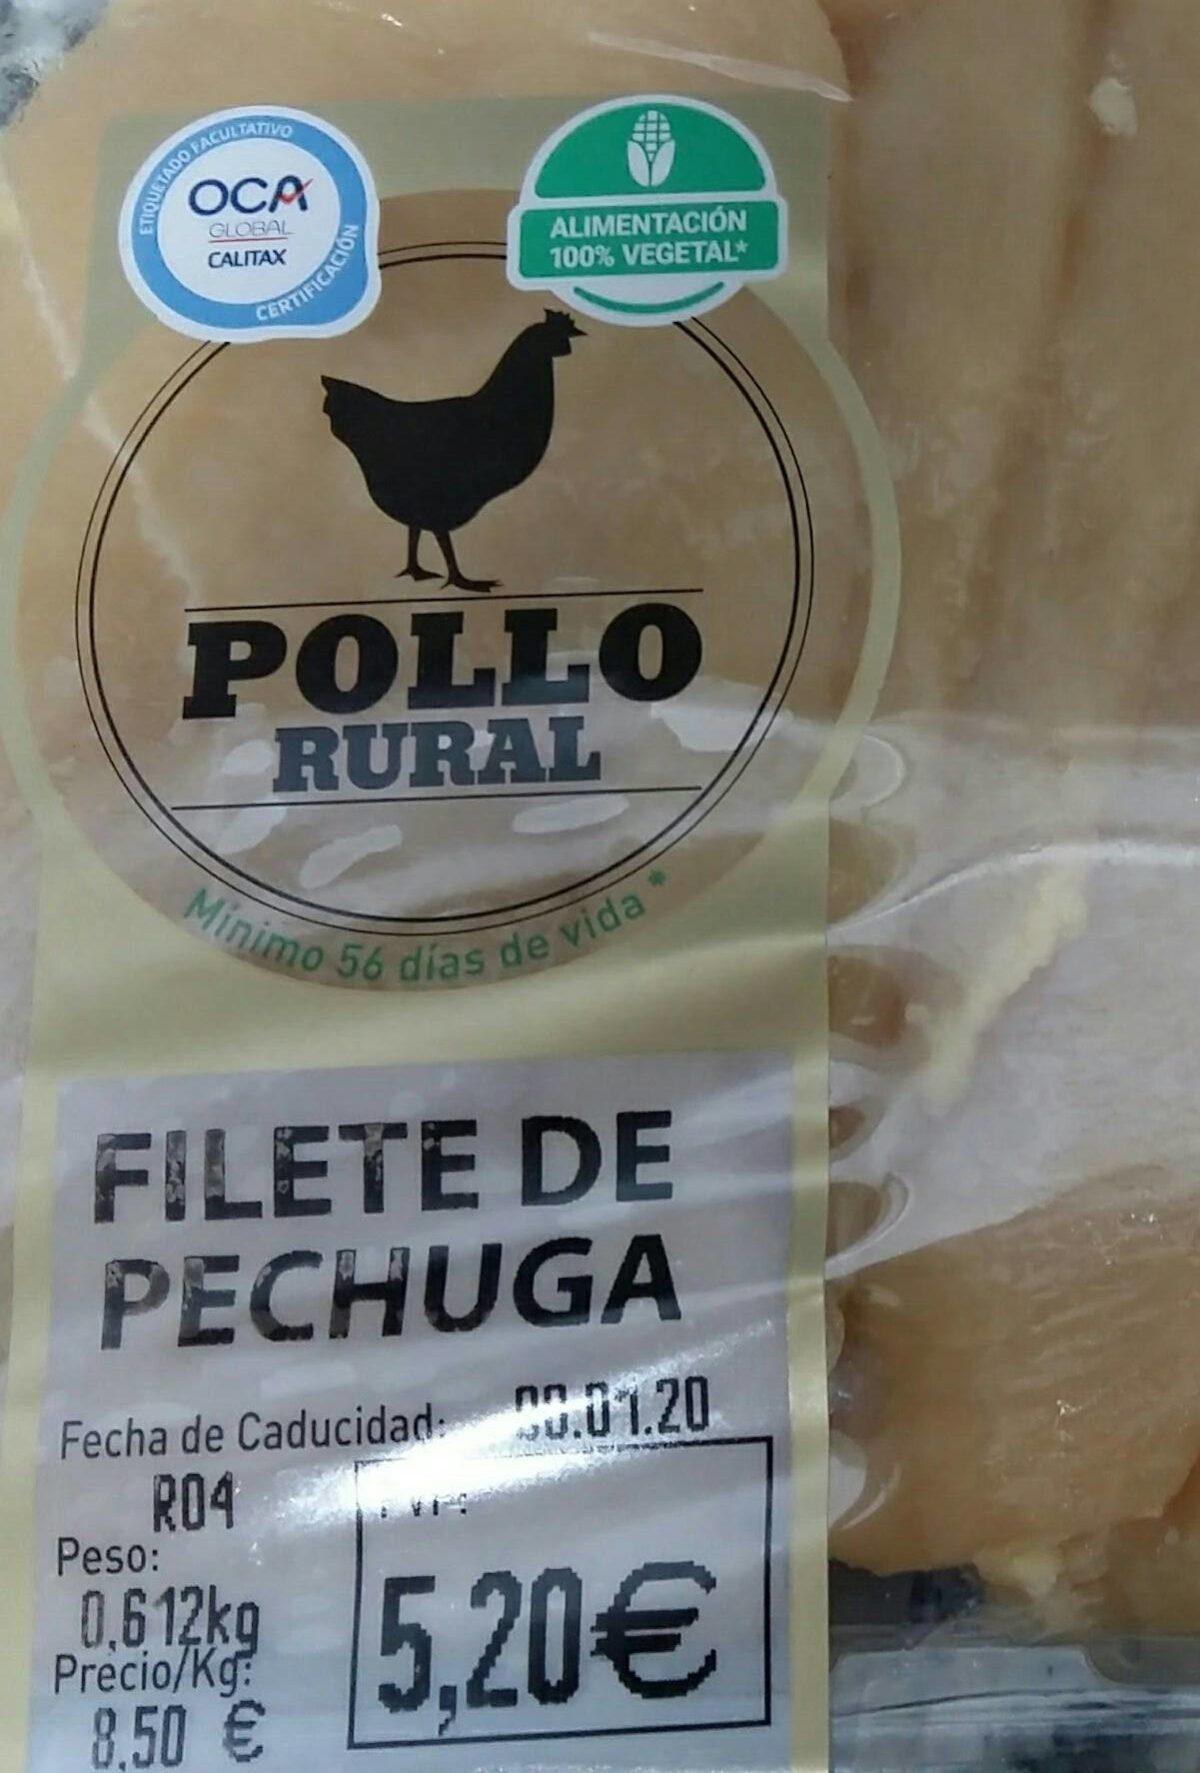 Filetes pechuga pollo rural - Product - es